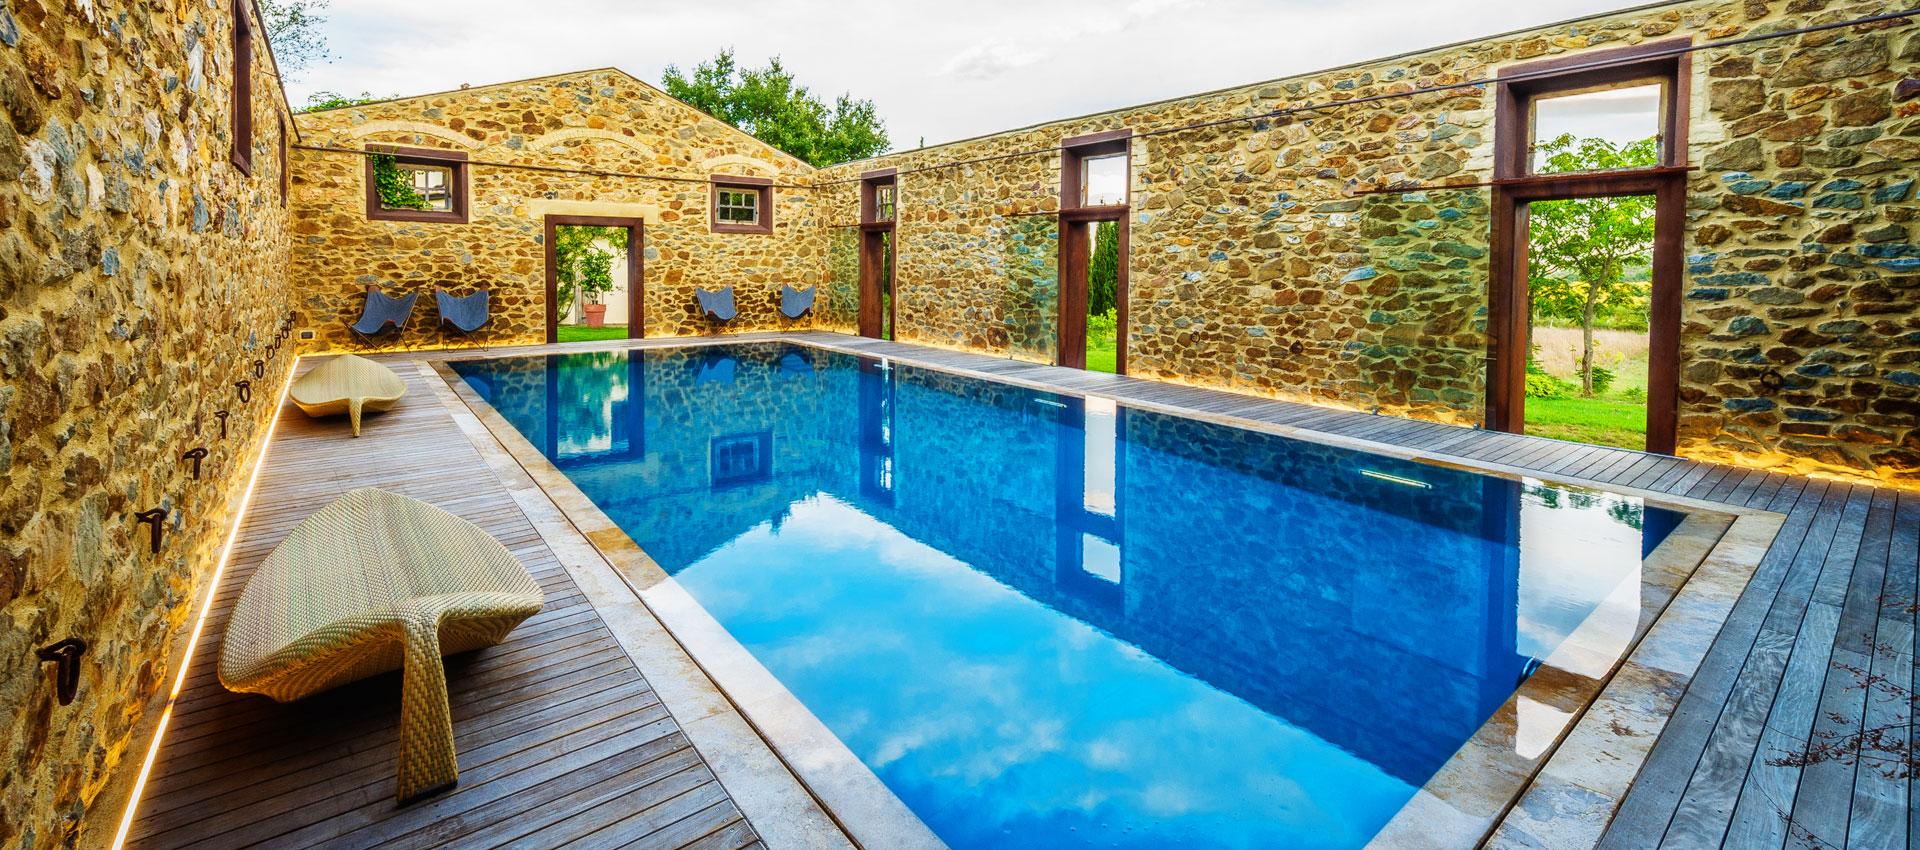 Piscine luxury la piscina esclusiva di lusso piscine castiglione - Piscina in casa prezzi ...